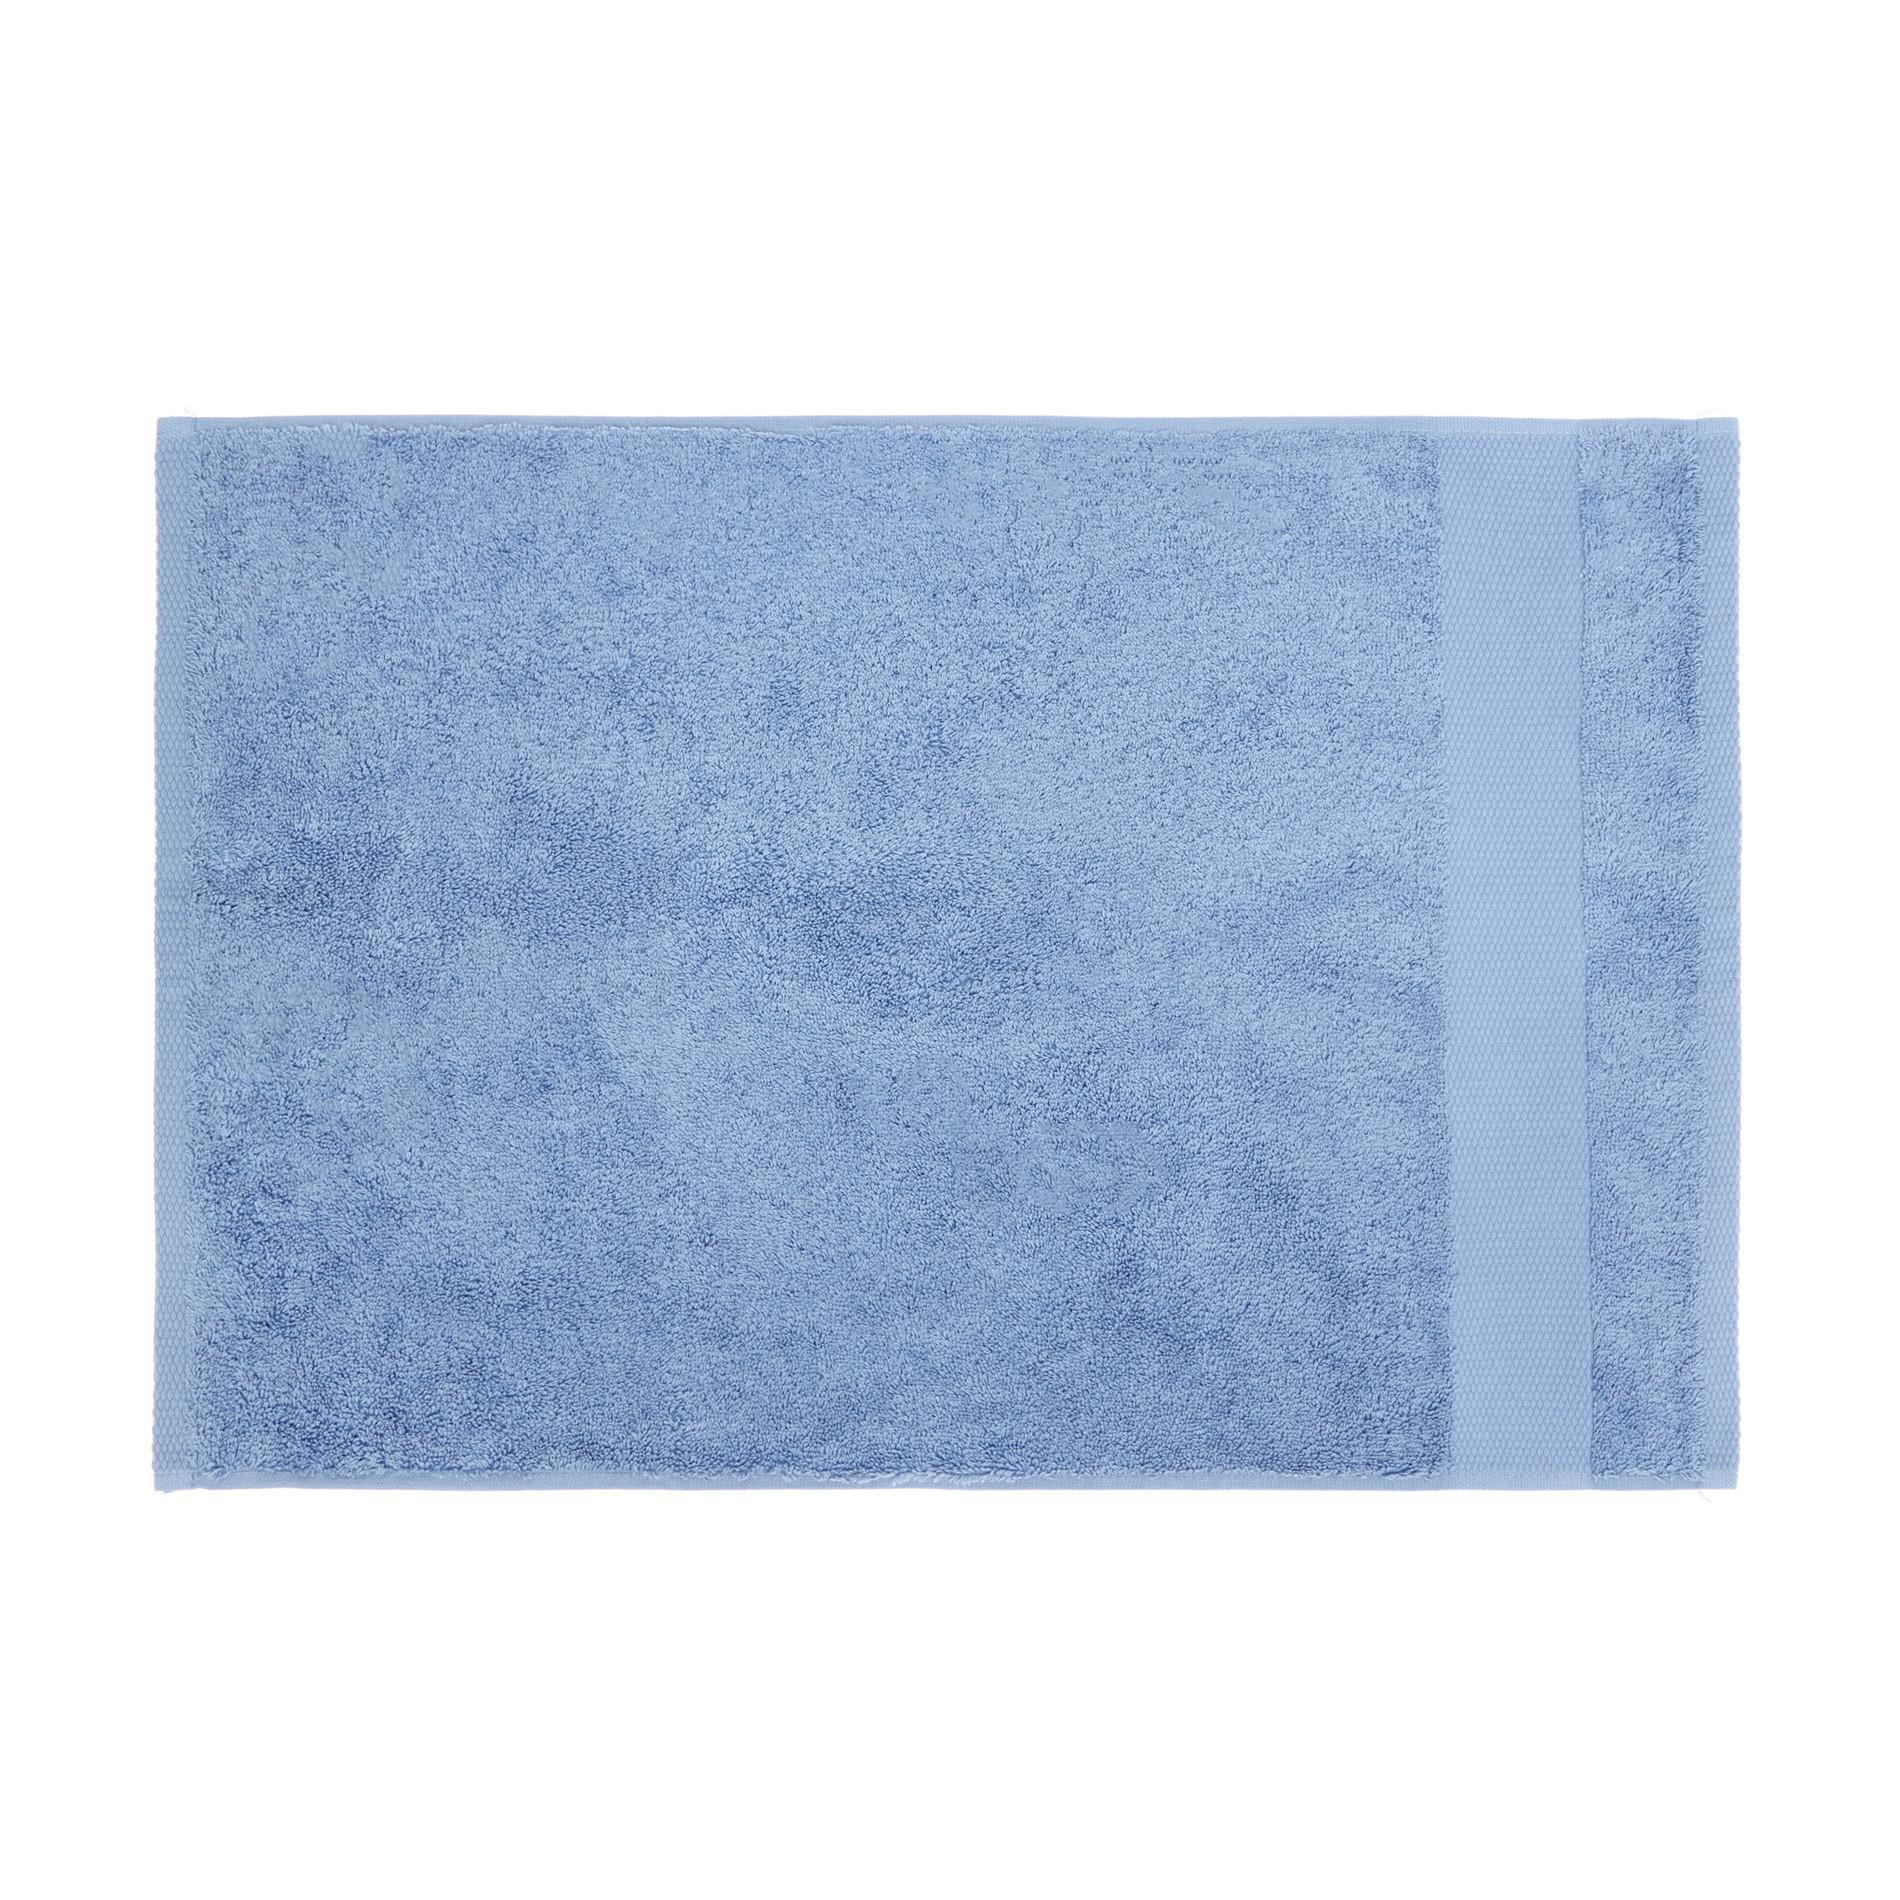 Asciugamano spugna di puro cotone Zefiro, Blu, large image number 2